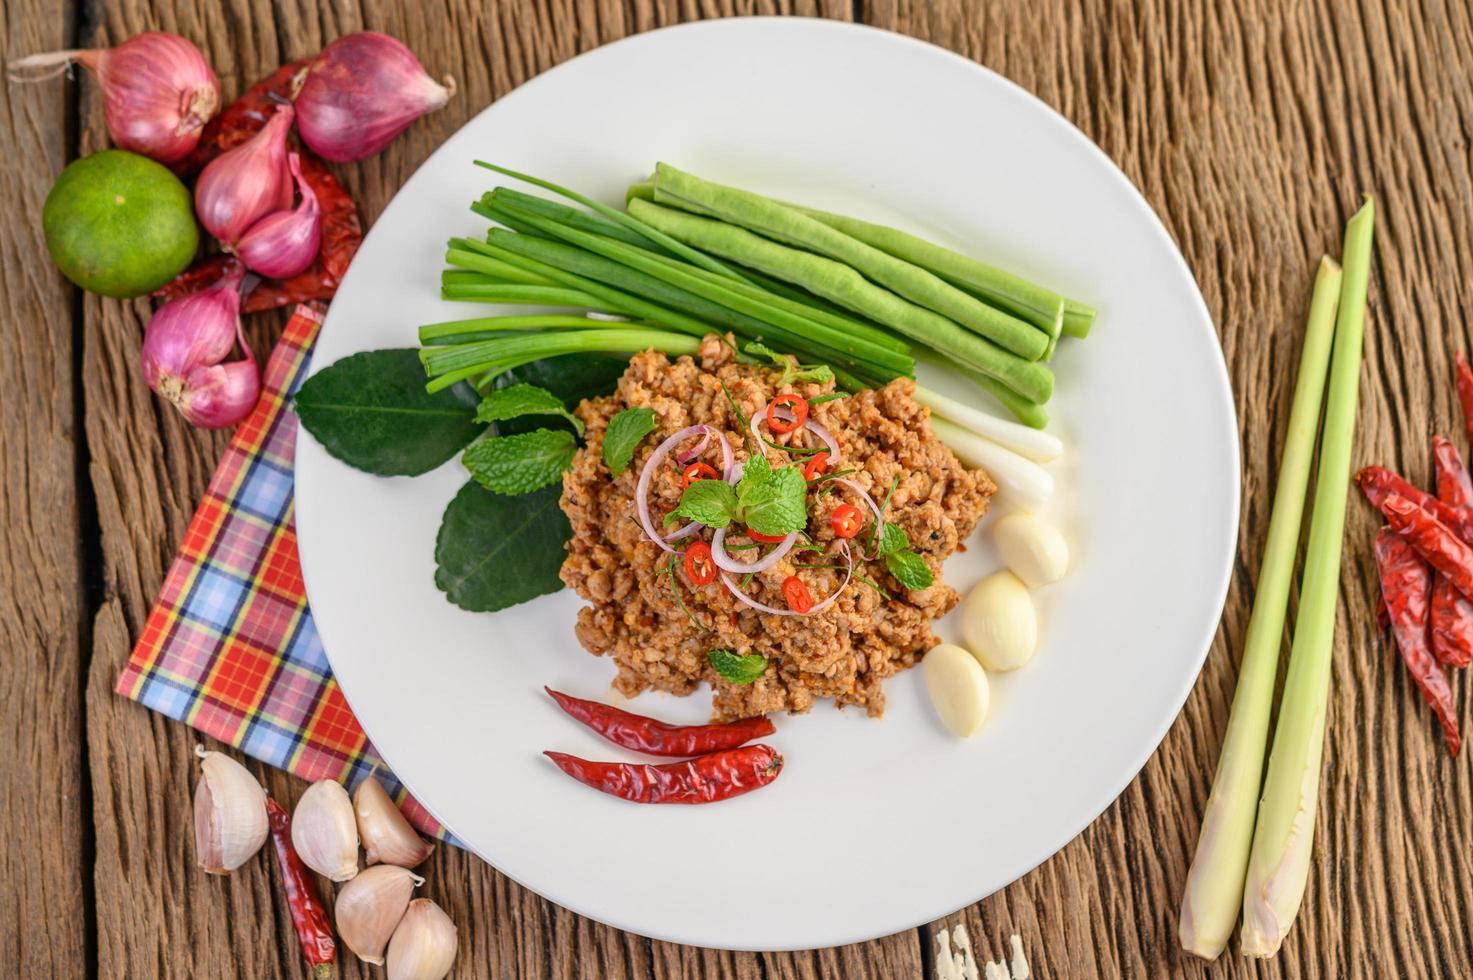 Ensalada picante de cerdo picada sobre verduras foto